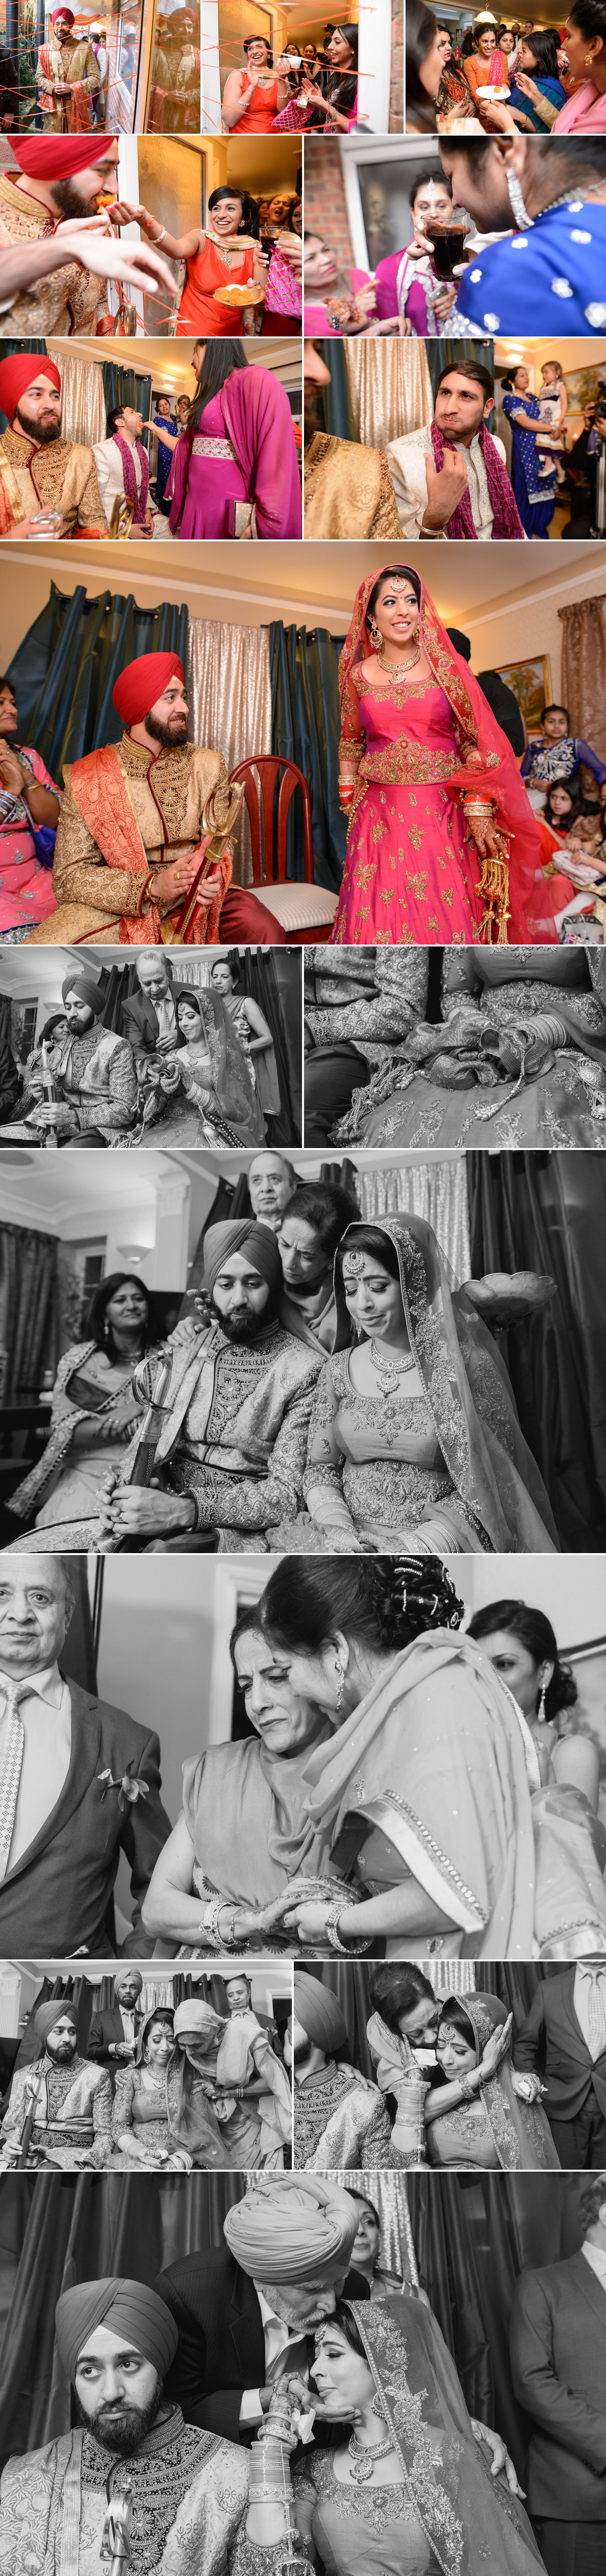 satnam photography sikh wedding ceremony alice way gurdwara london hounslow wedding photography-7